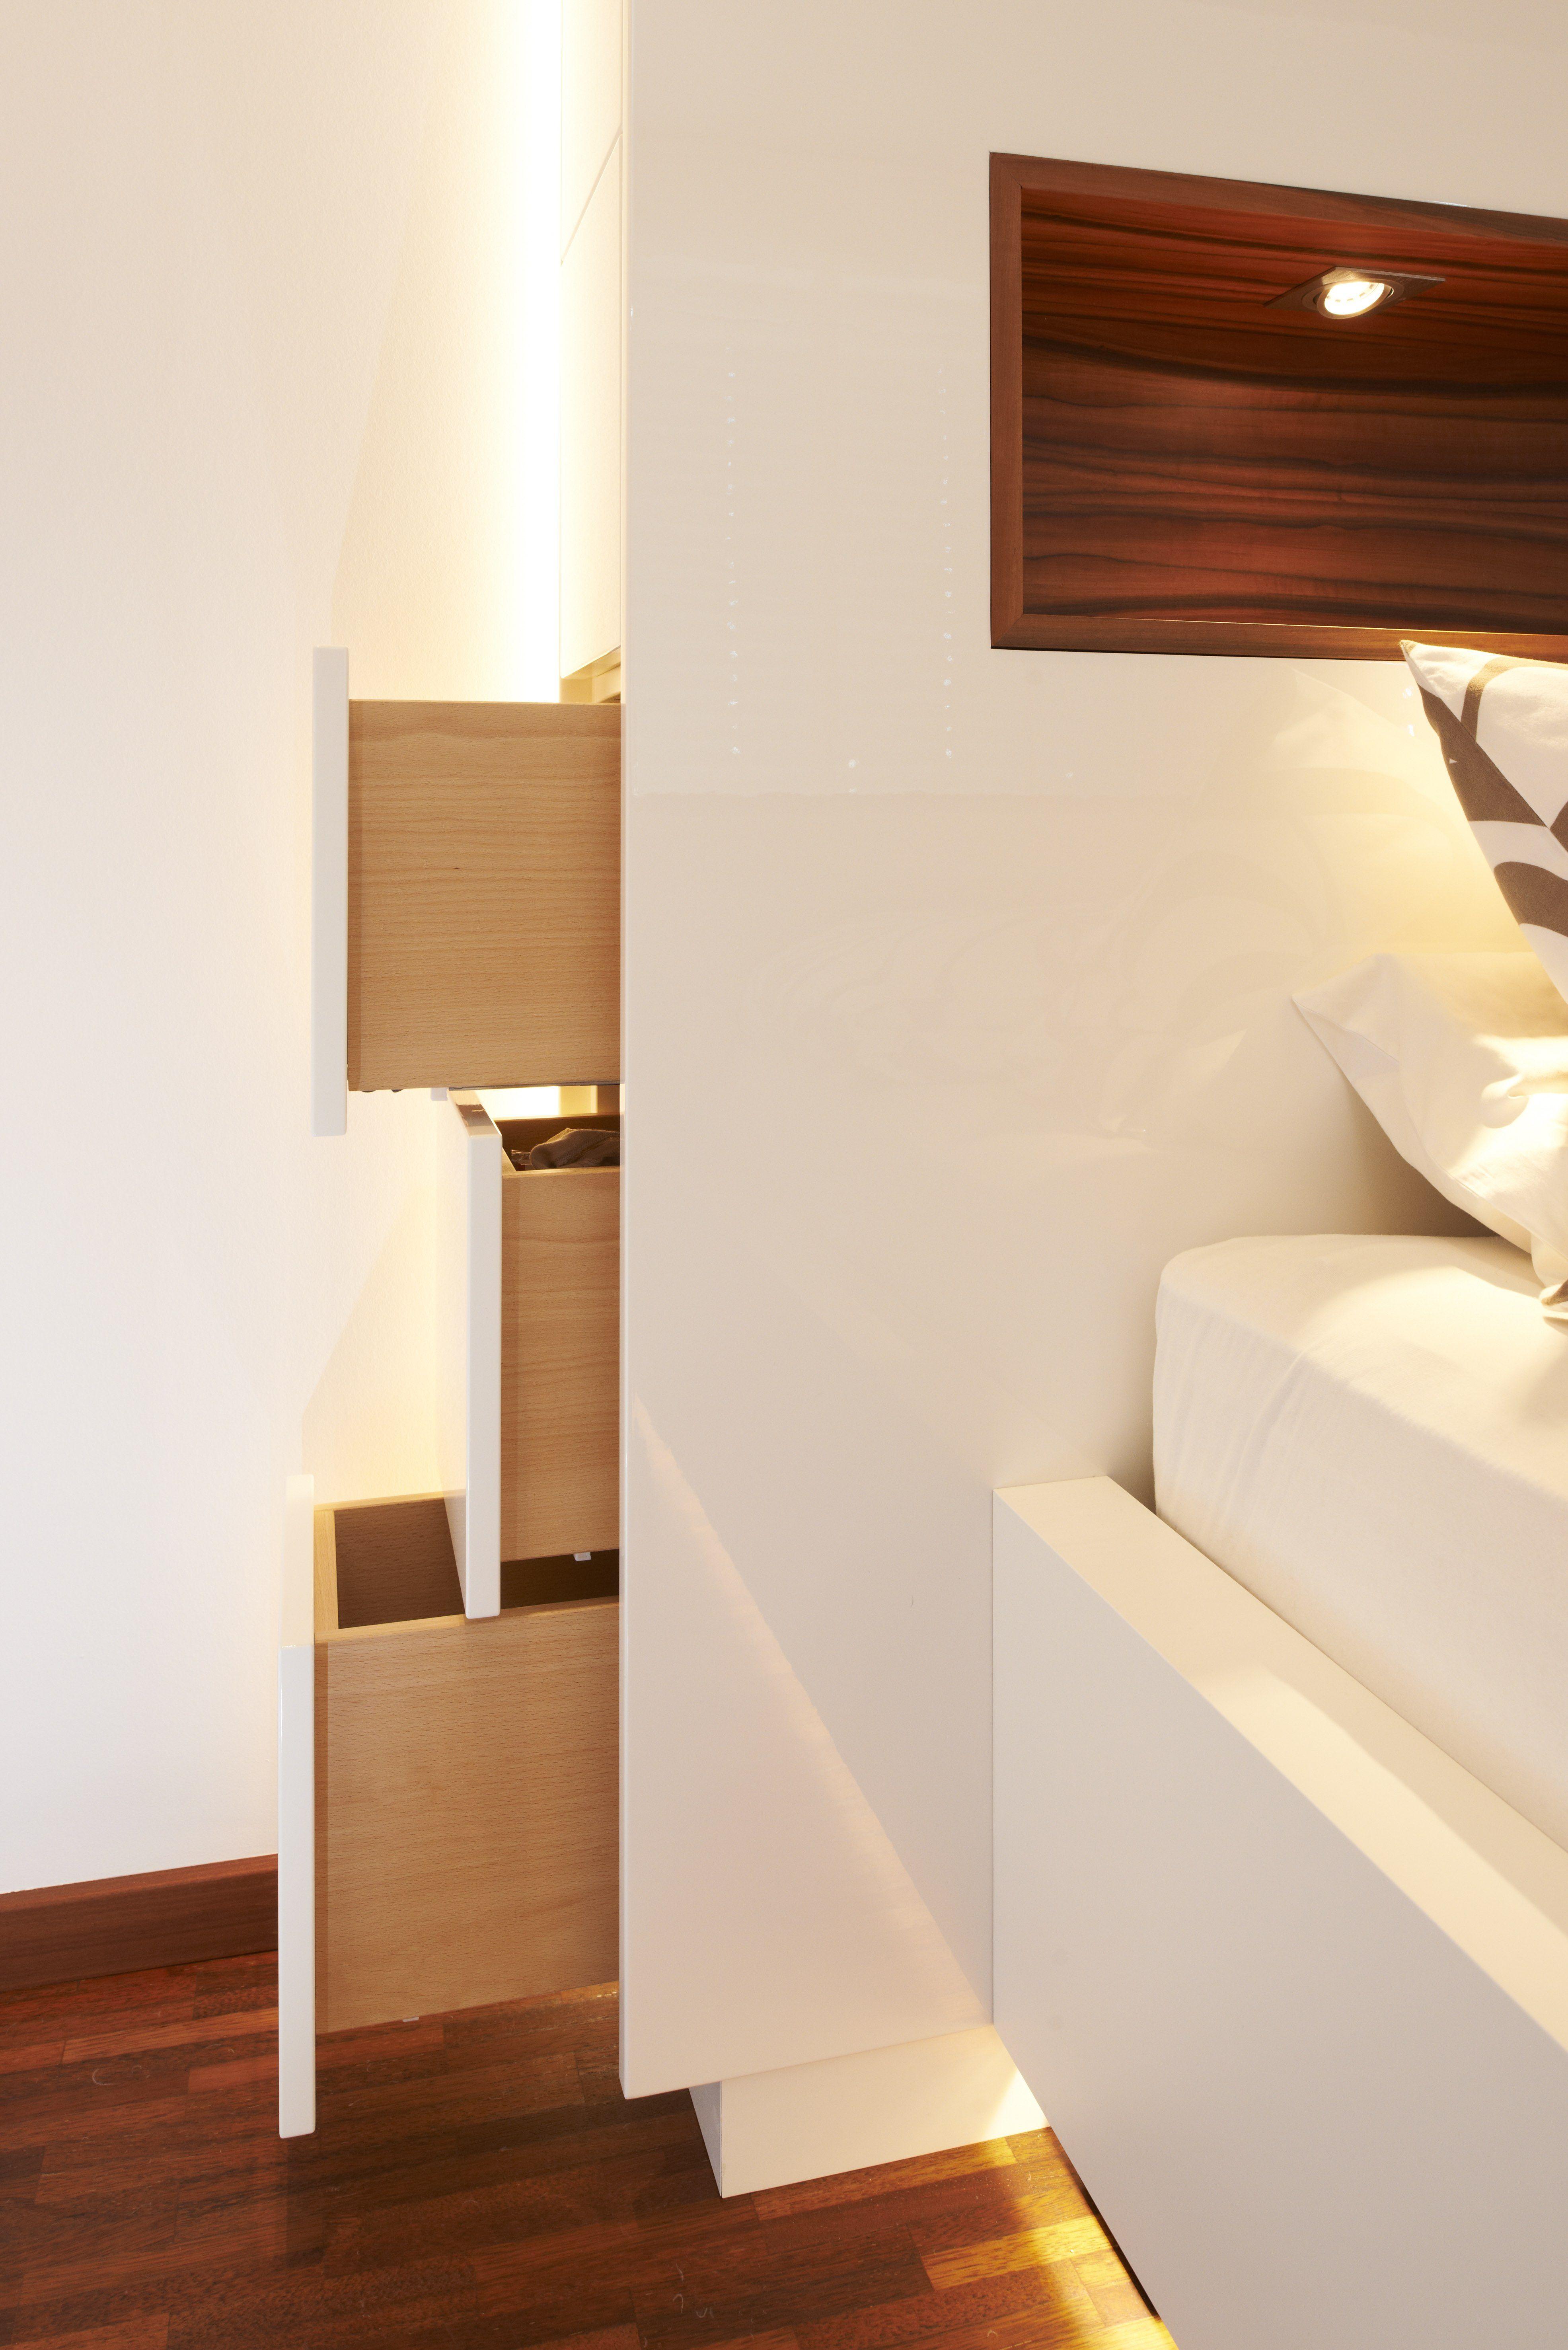 Schlafzimmer 8 Einrichtungsideen Haus Deko Indirekte Beleuchtung